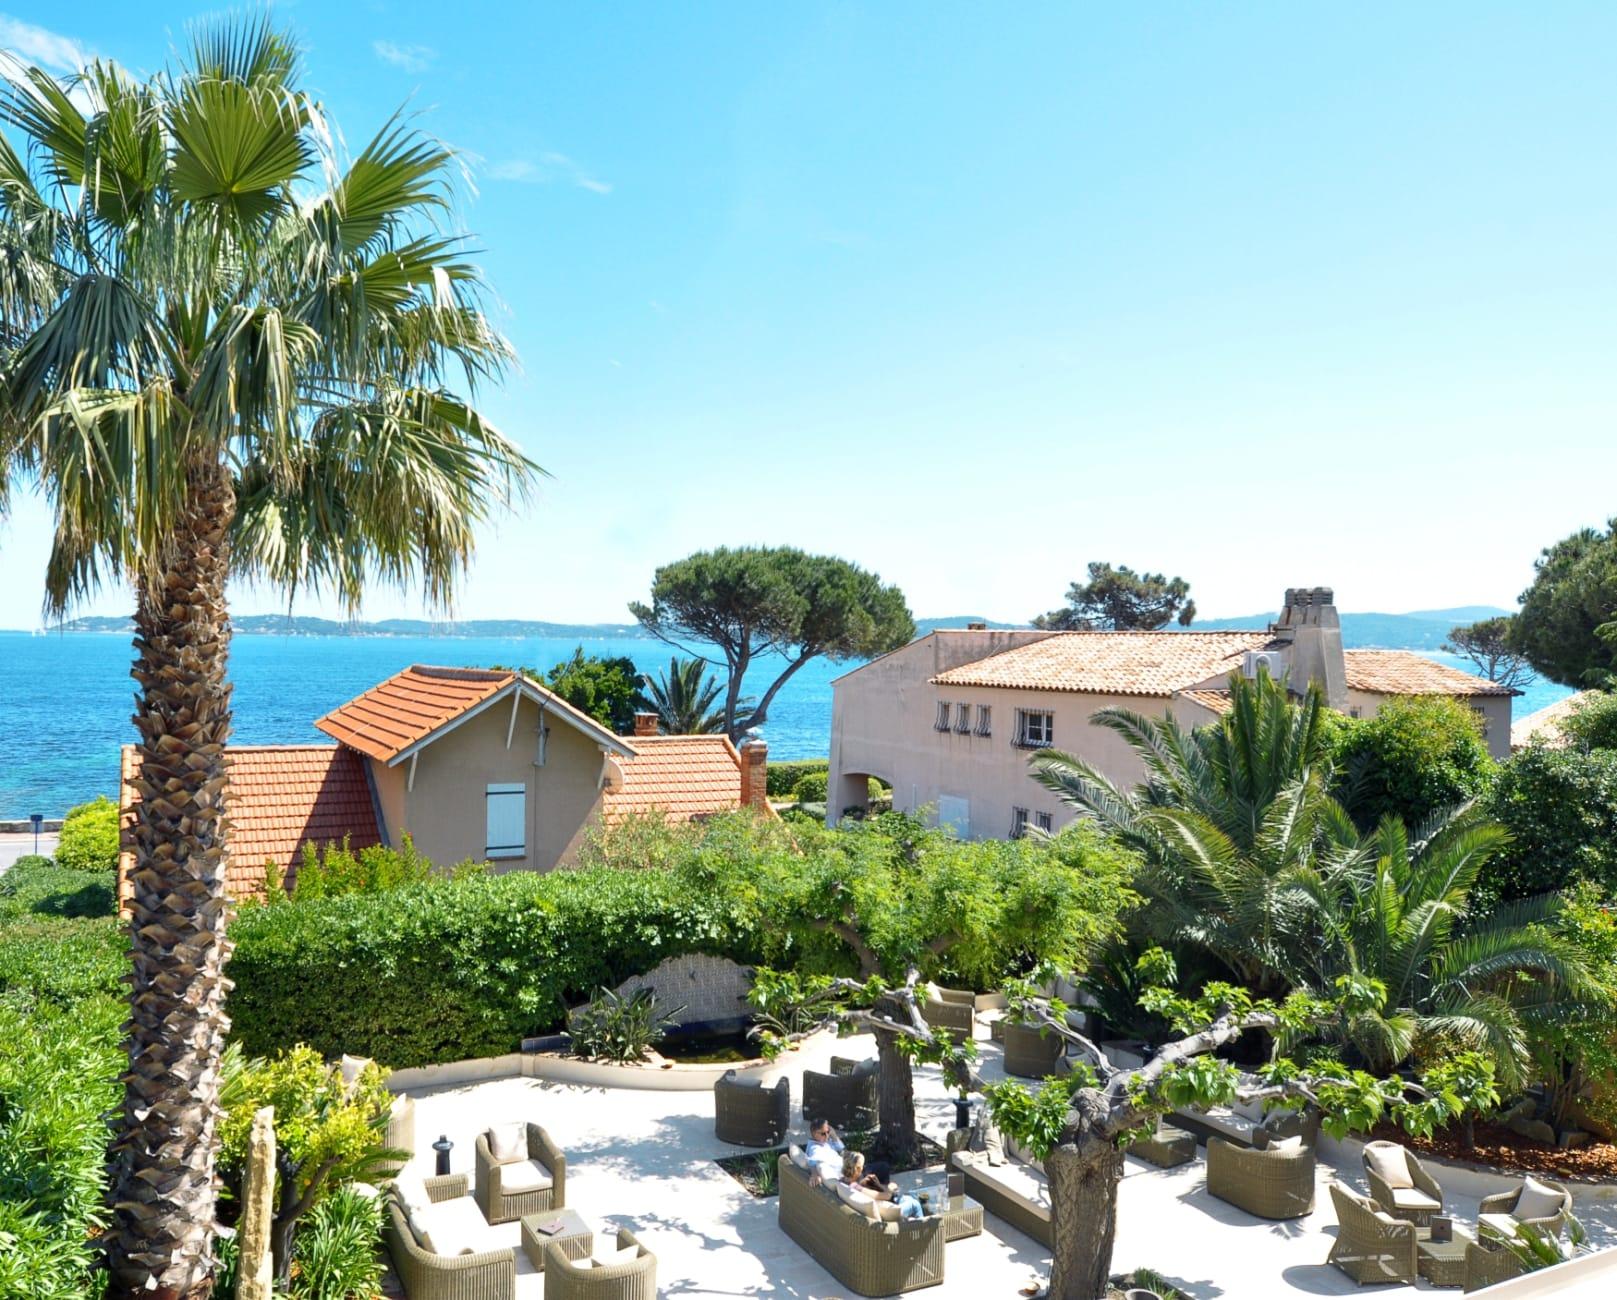 Otel Hotel Best Western Plus Montfleuri, Sainte-Maxime ... concernant Hotel Les Jardins De Sainte Maxime